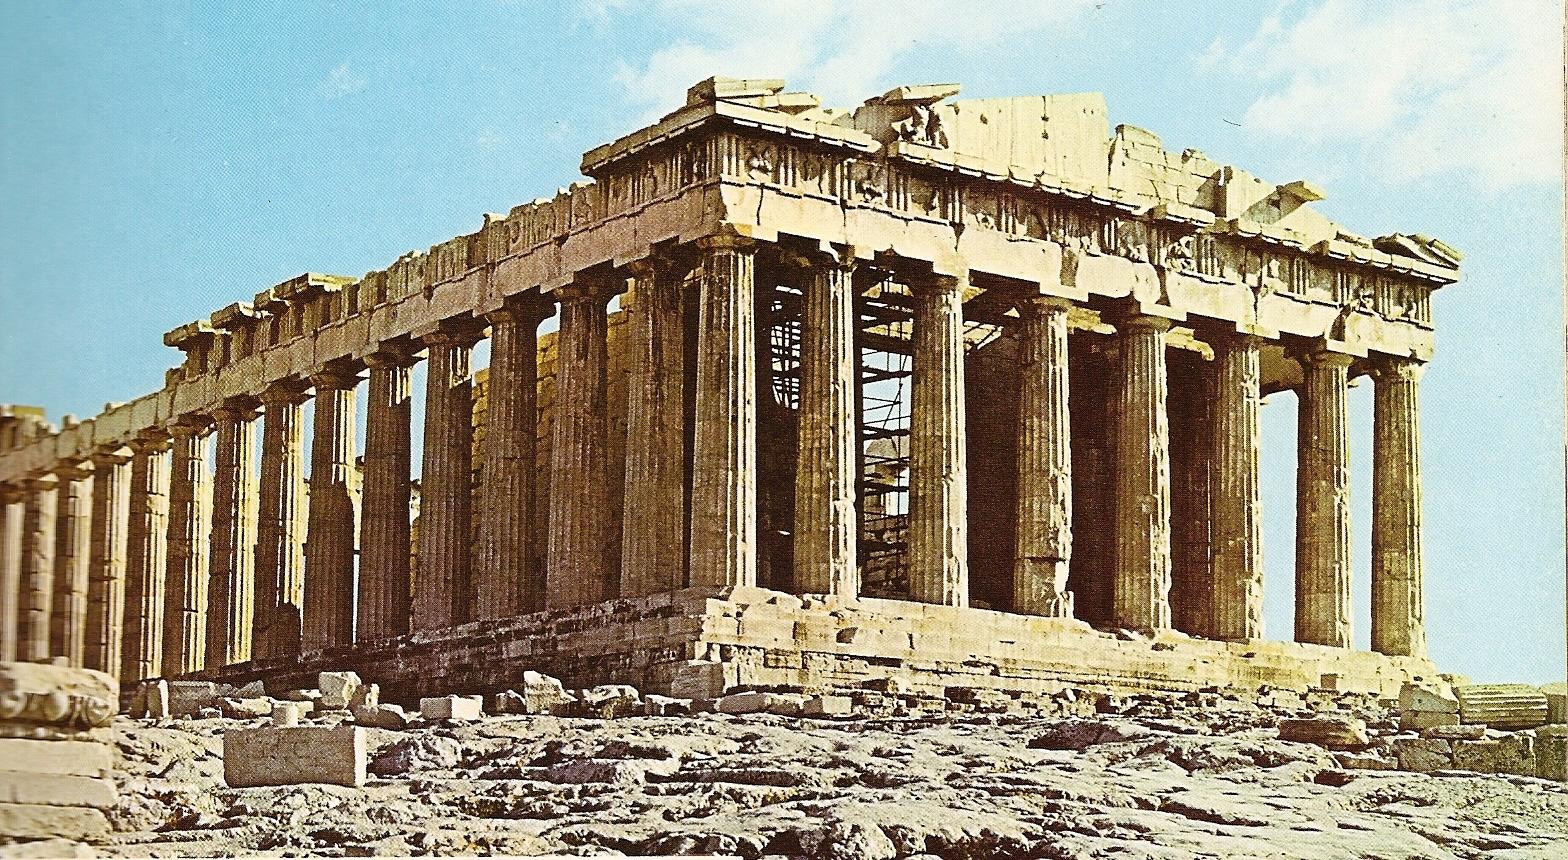 Le parth non i l architecture arr te ton char for Architecture grec